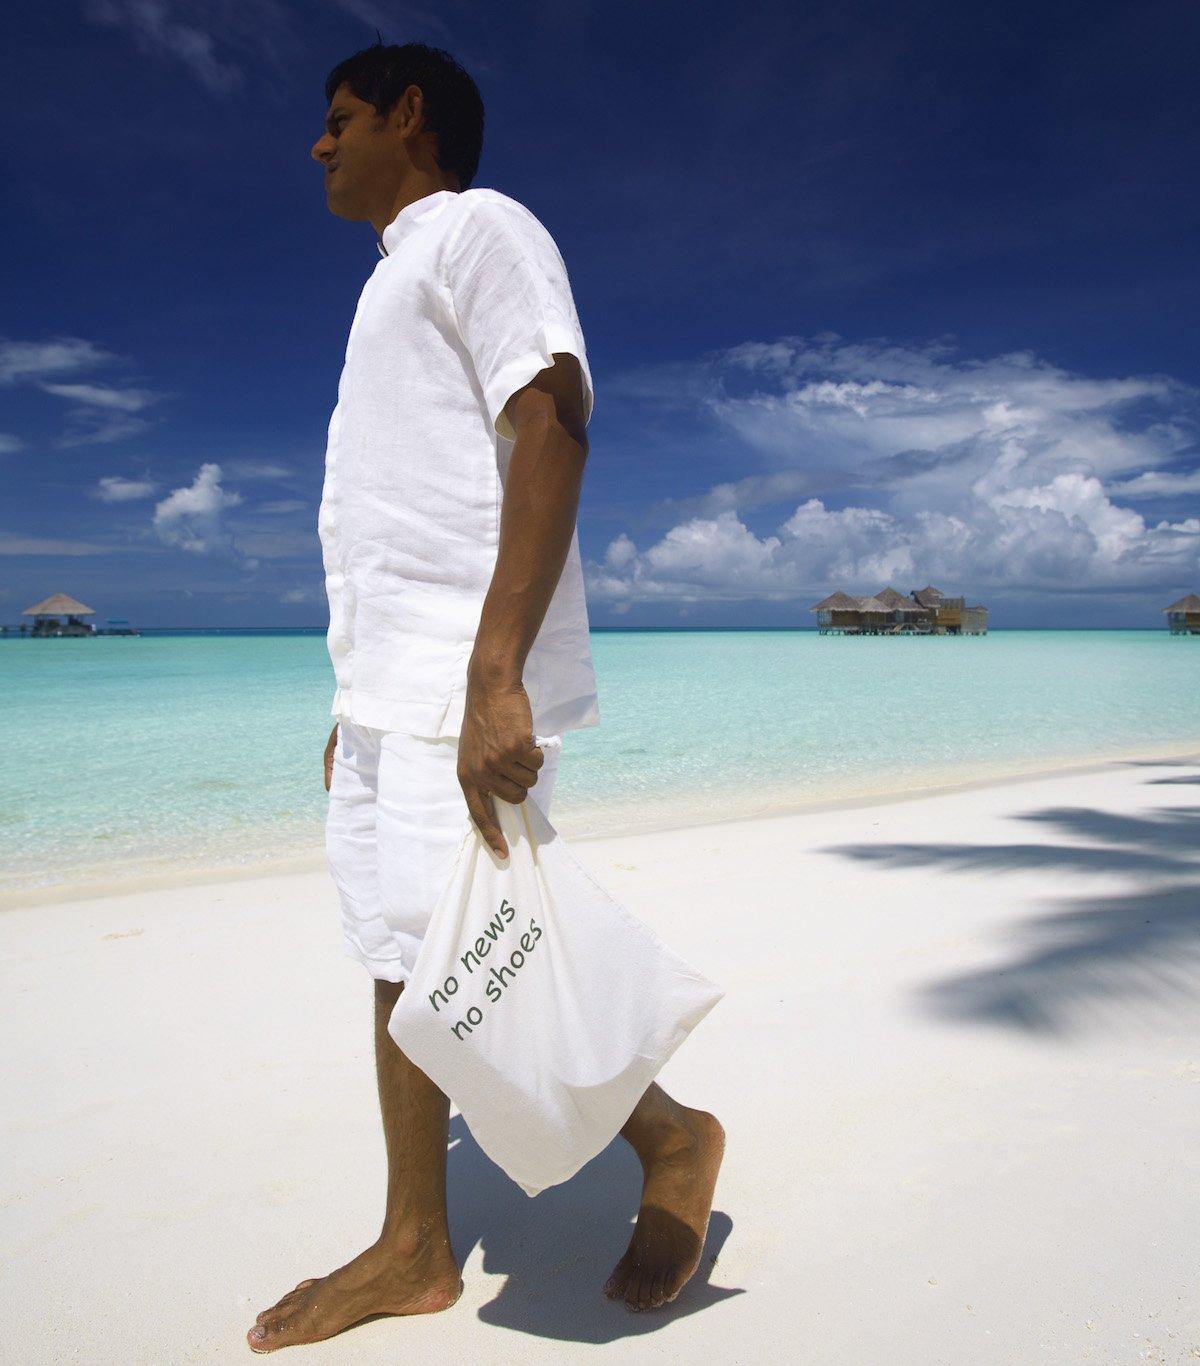 Gili Lankanfushi-No News, No Shoes